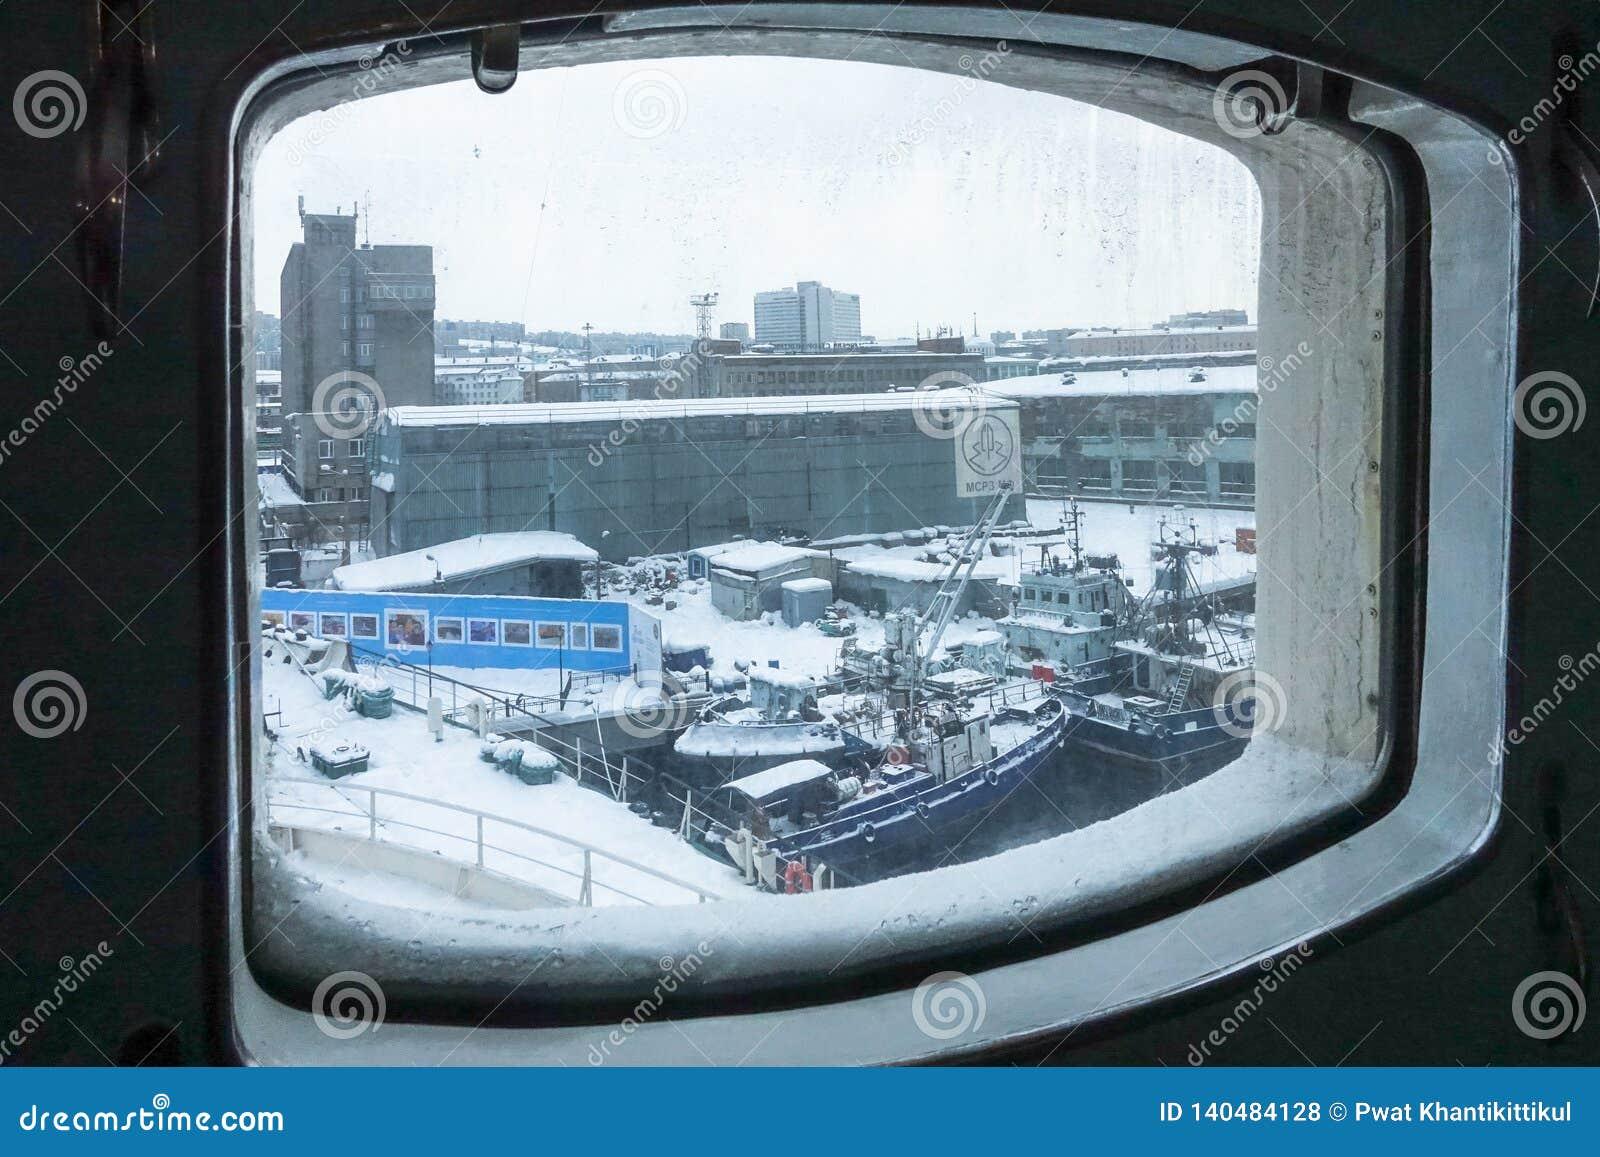 Inside The first Soviet nuclear powered icebreaker `Lenin` moored forever in the port of Murmansk, the Kola bay.